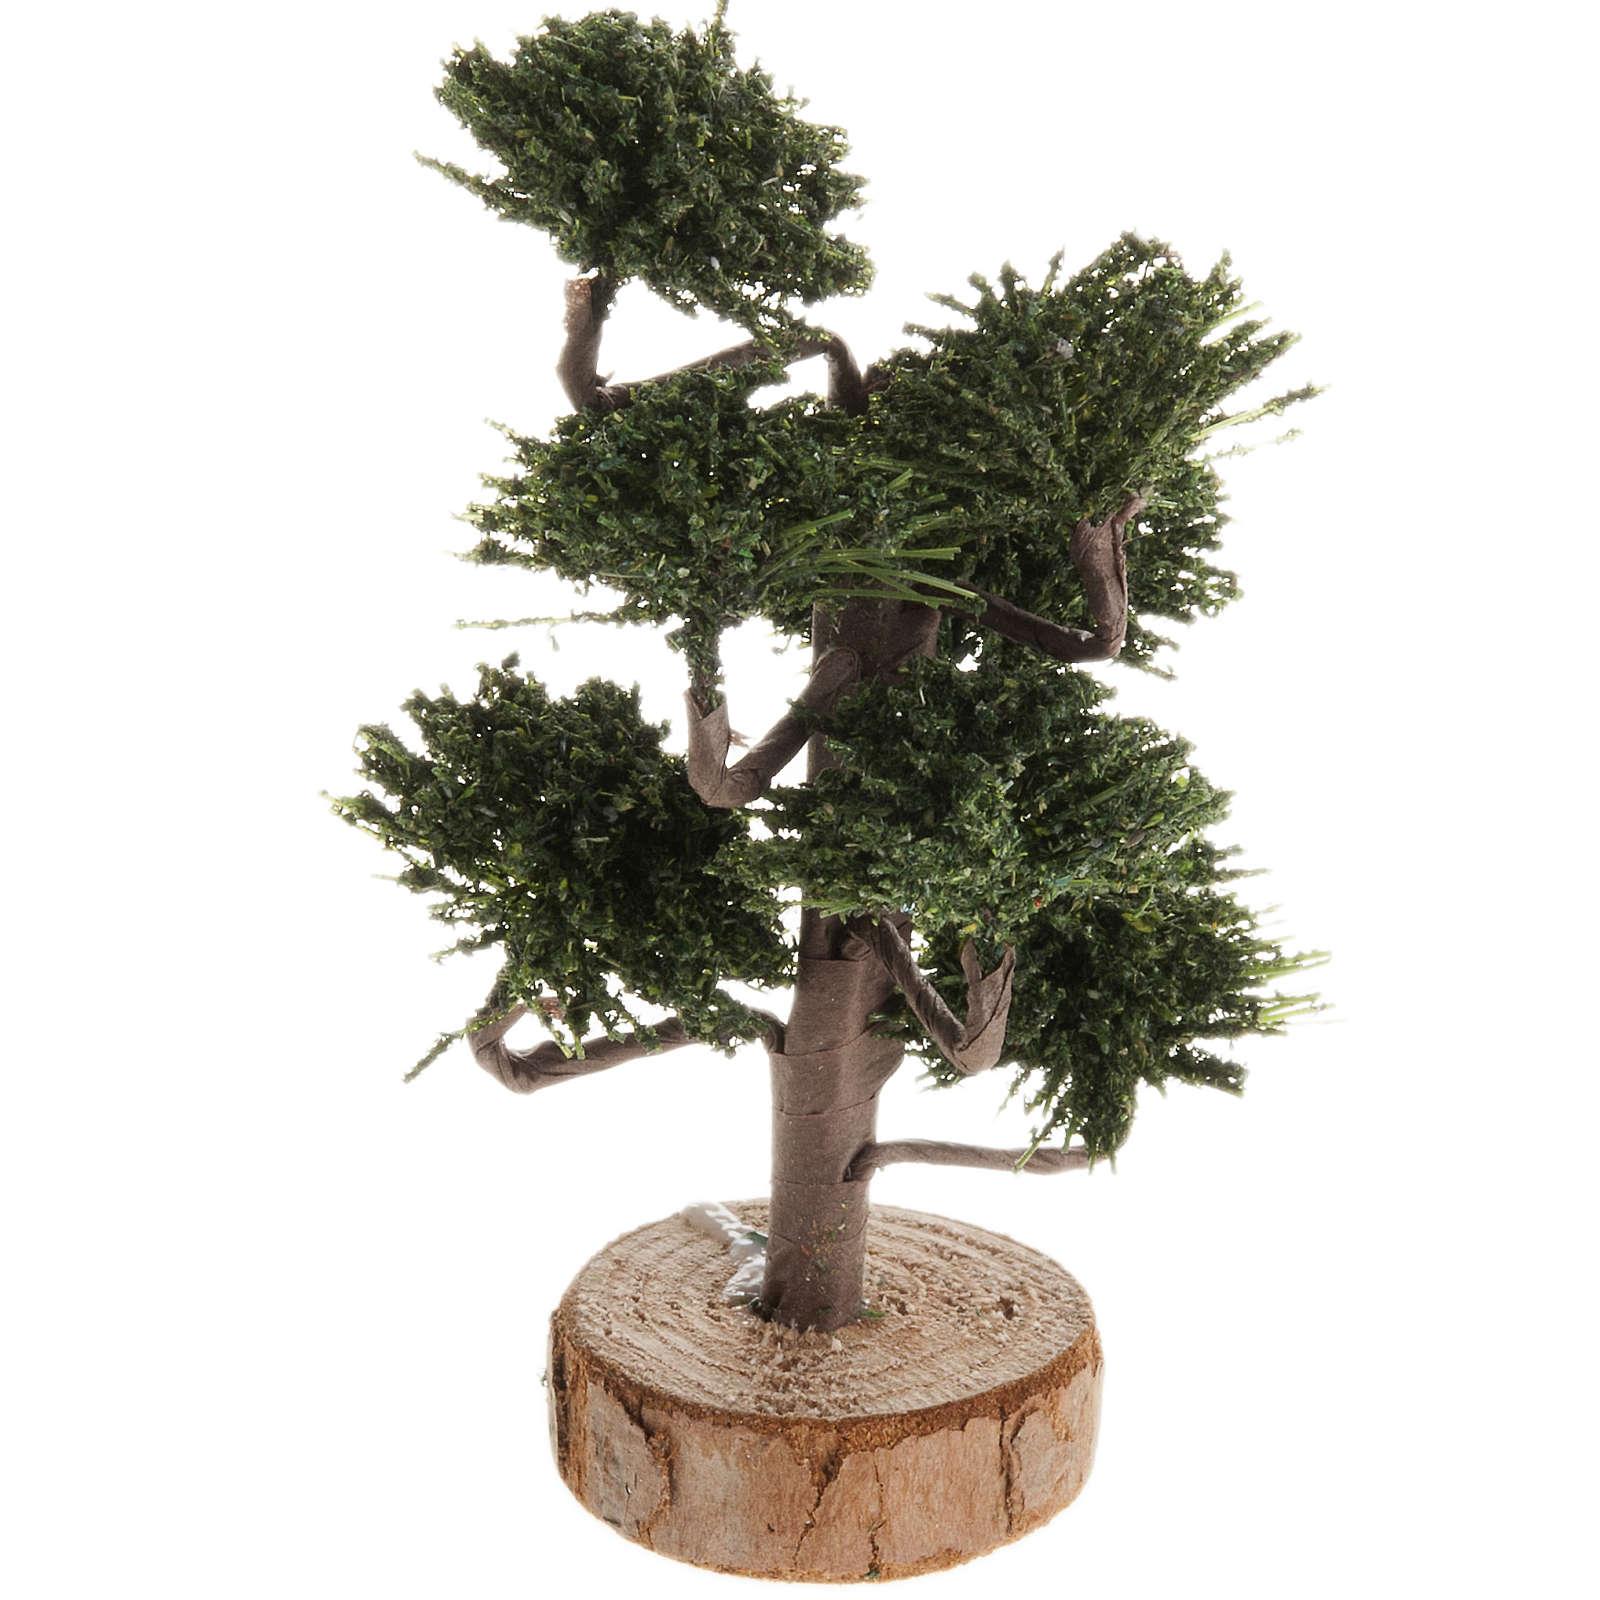 arbre décoratif crèche noel 12 cm | vente en ligne sur holyart